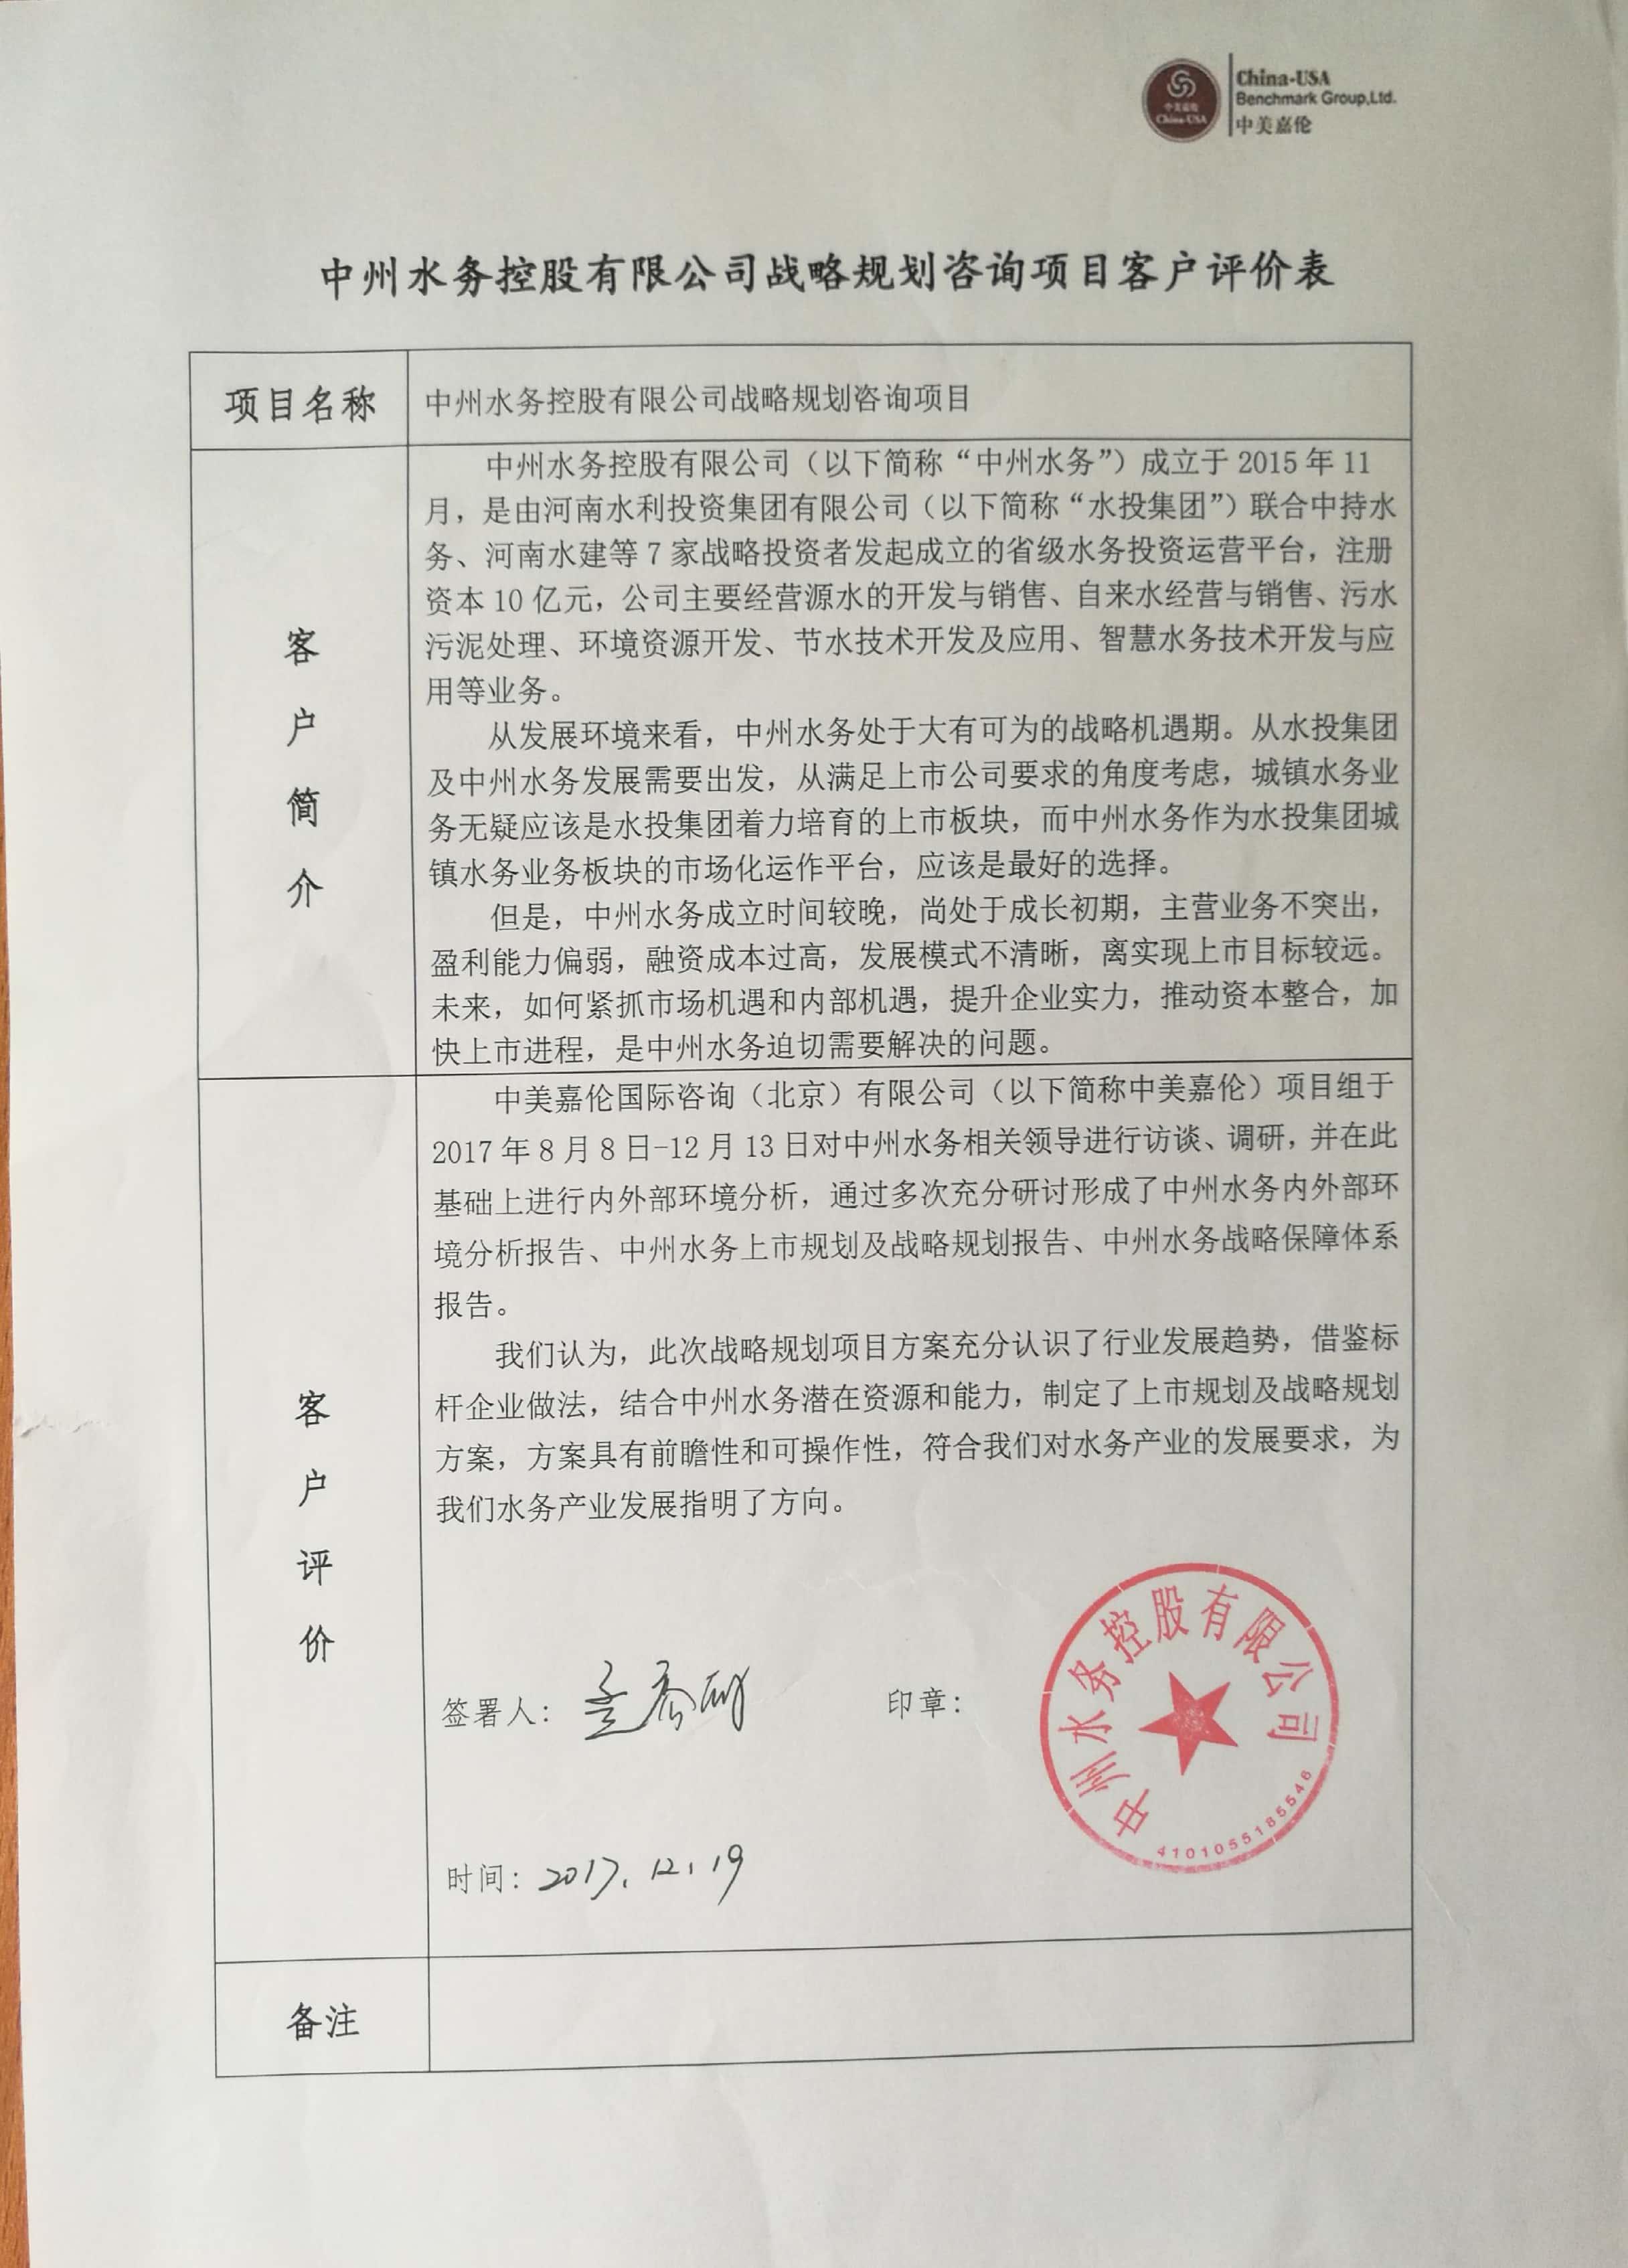 中州水务控股有限公司战略规划咨询项目客户评价表